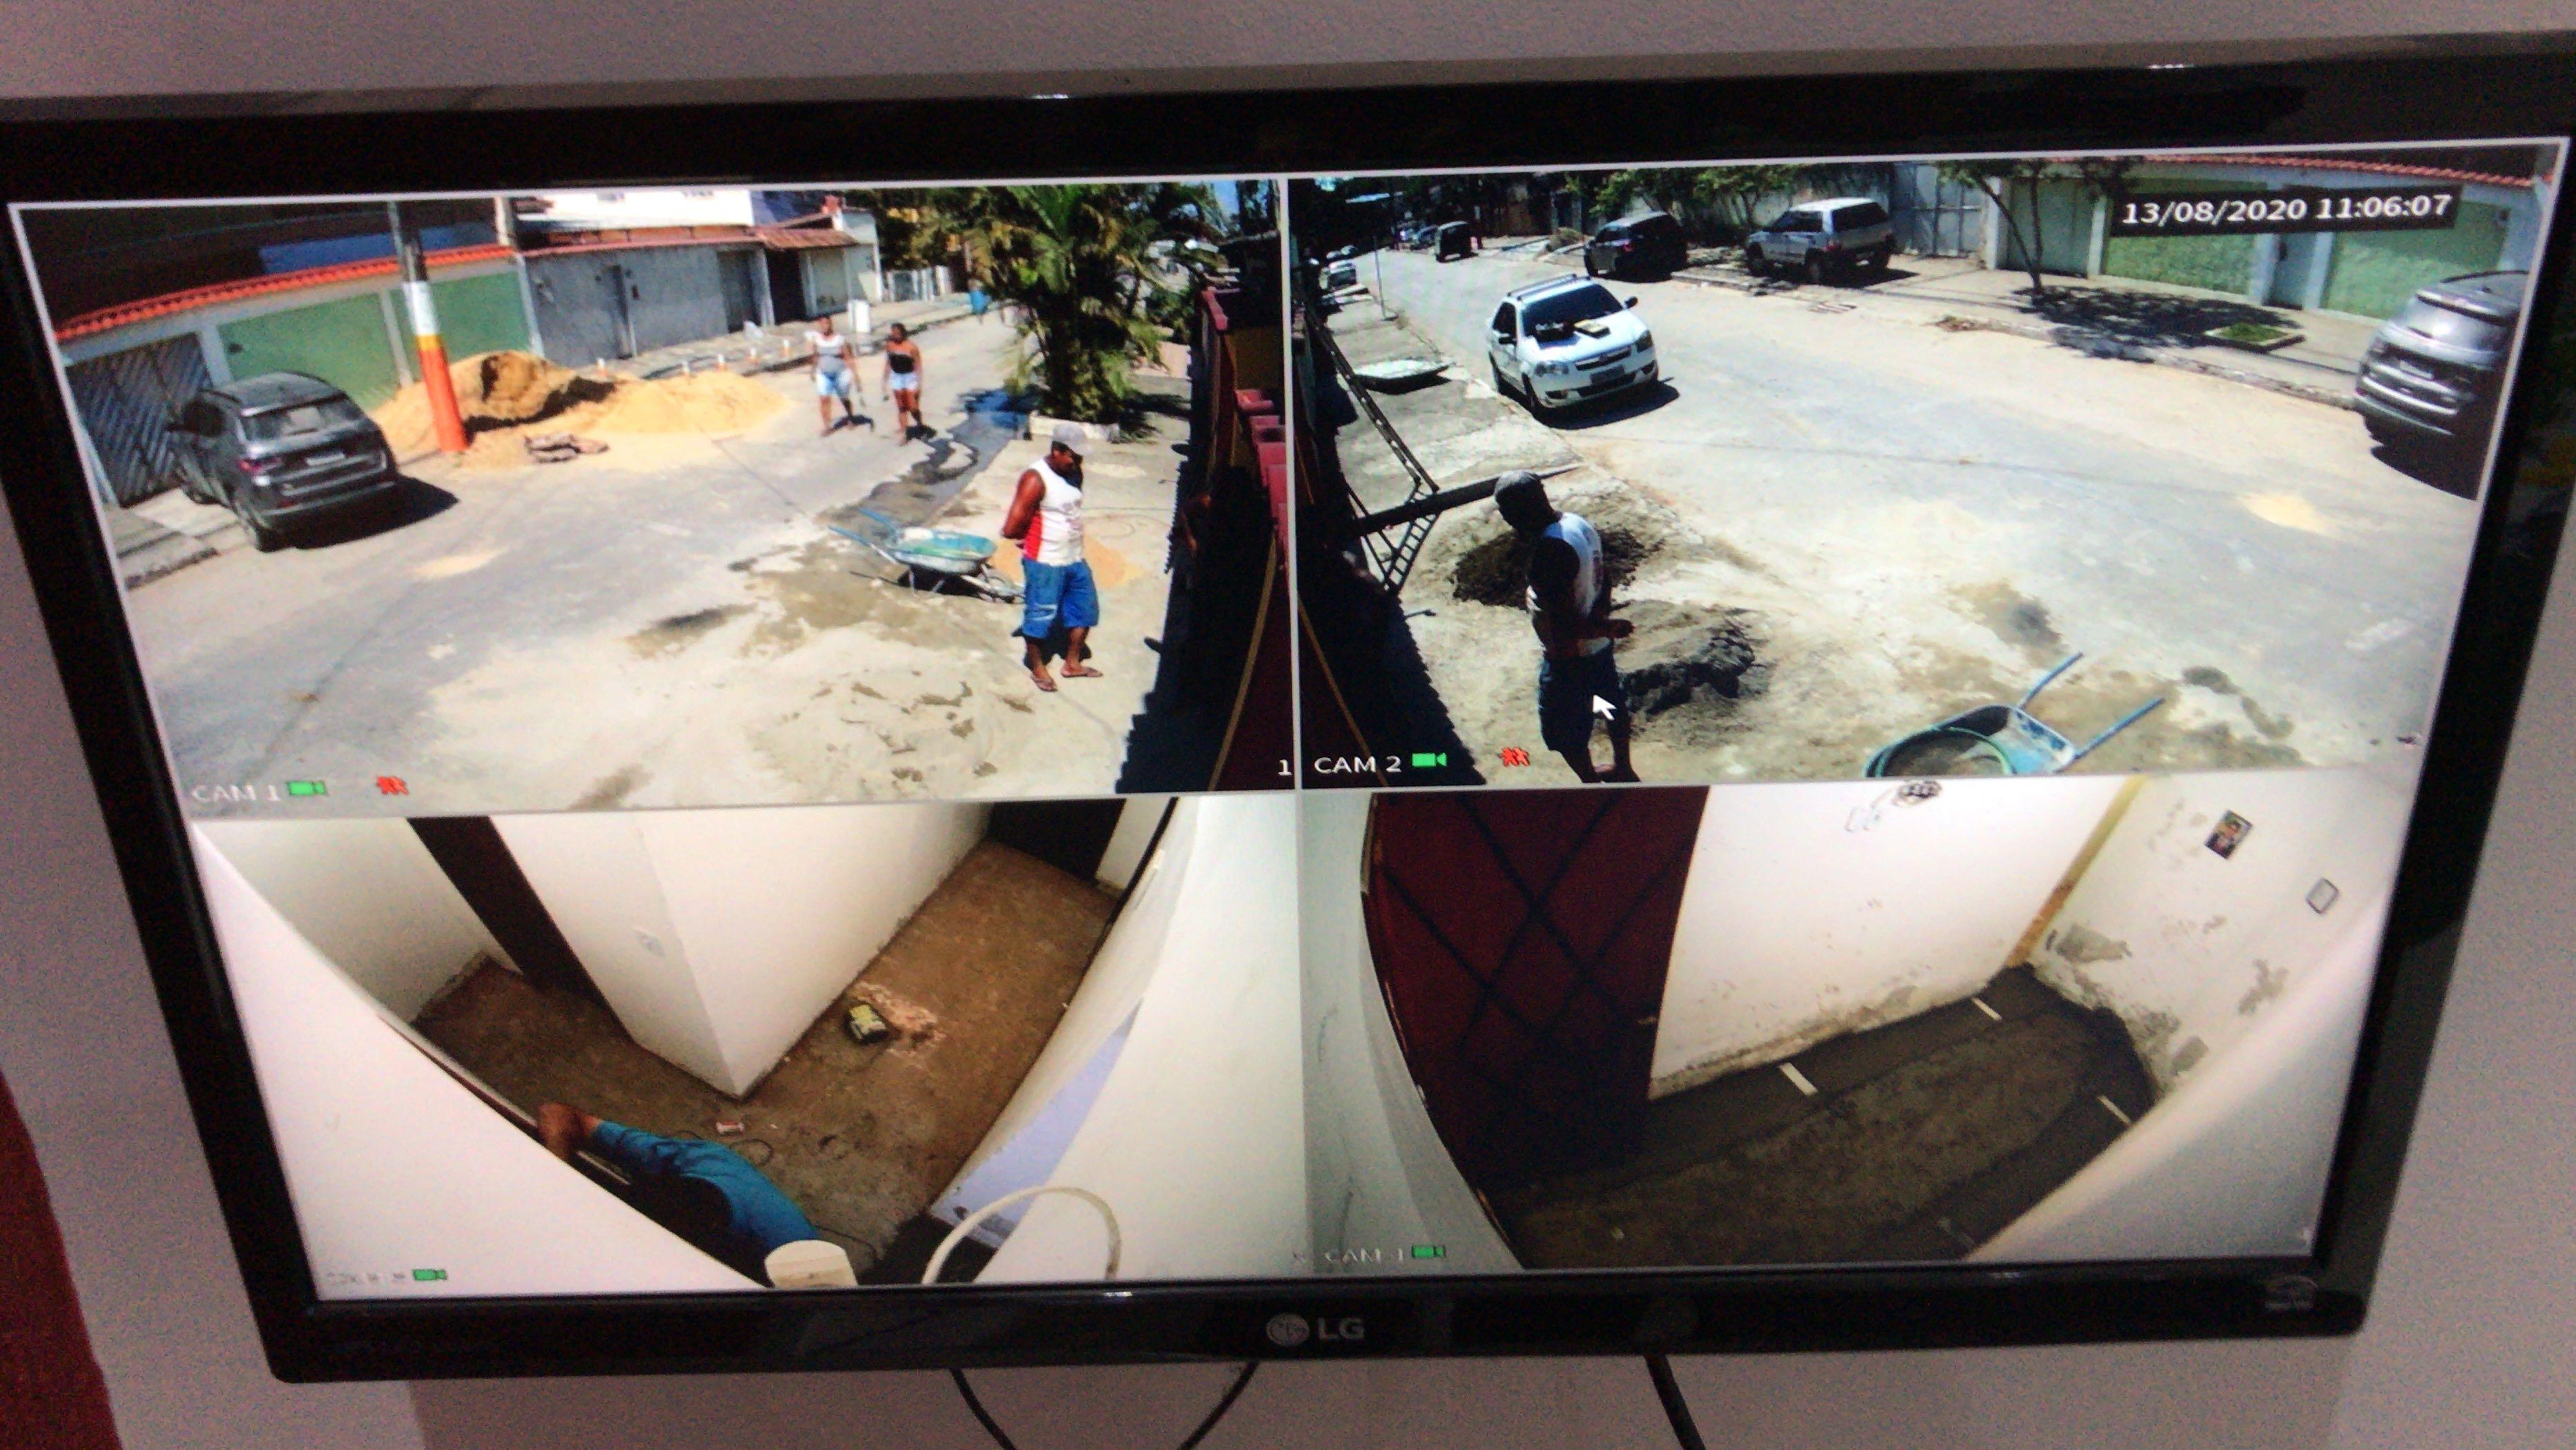 Instalação câmera 4 mega ideal visualizar placa